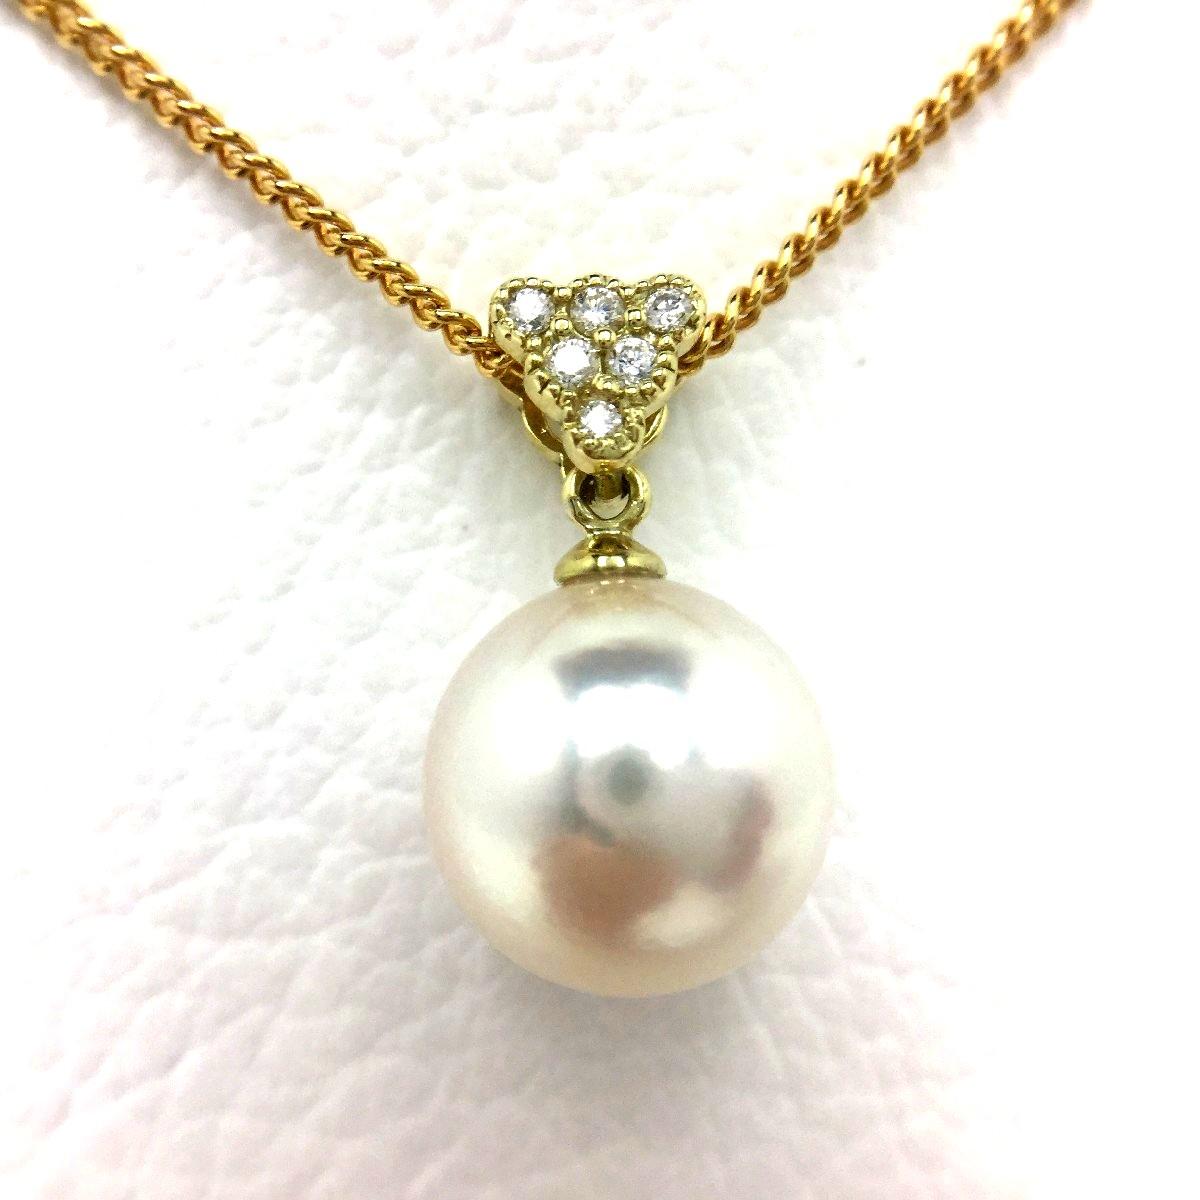 真珠 ペンダントトップ パール アコヤ真珠 9.86mm ホワイトピンク K18 イエローゴールド ダイヤモンド 0.05ct 66622 イソワパール